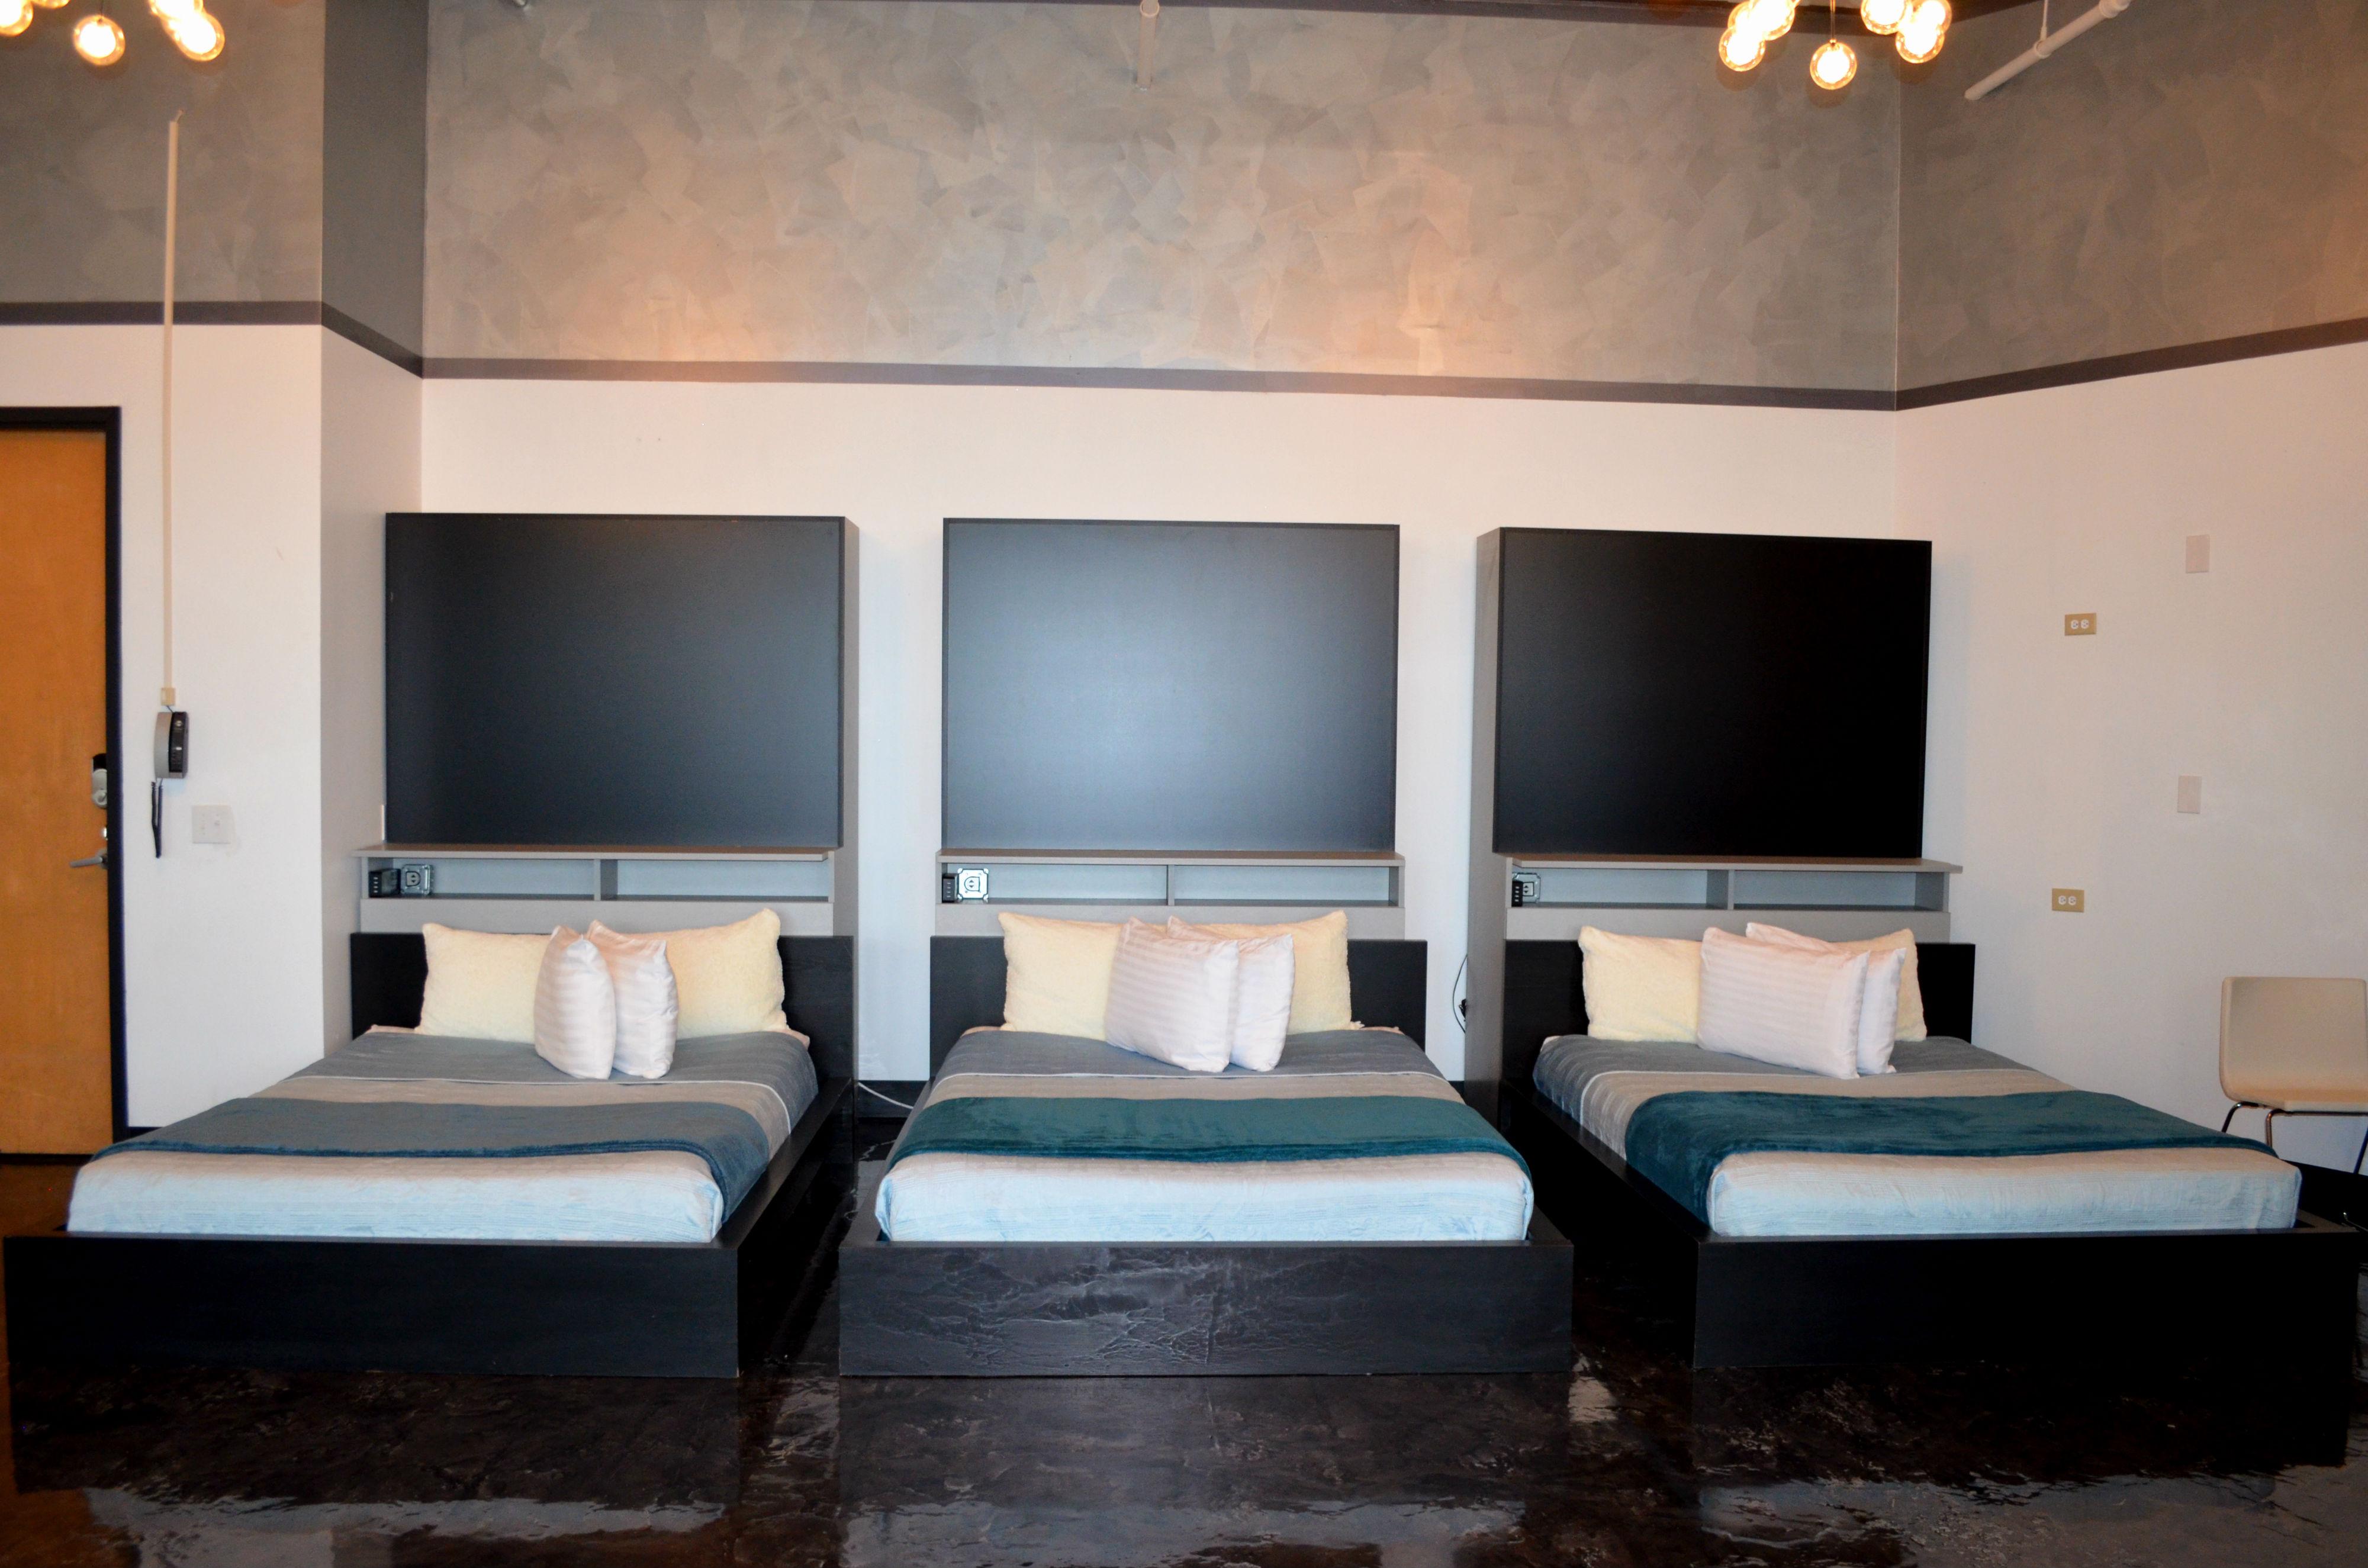 801 Beds